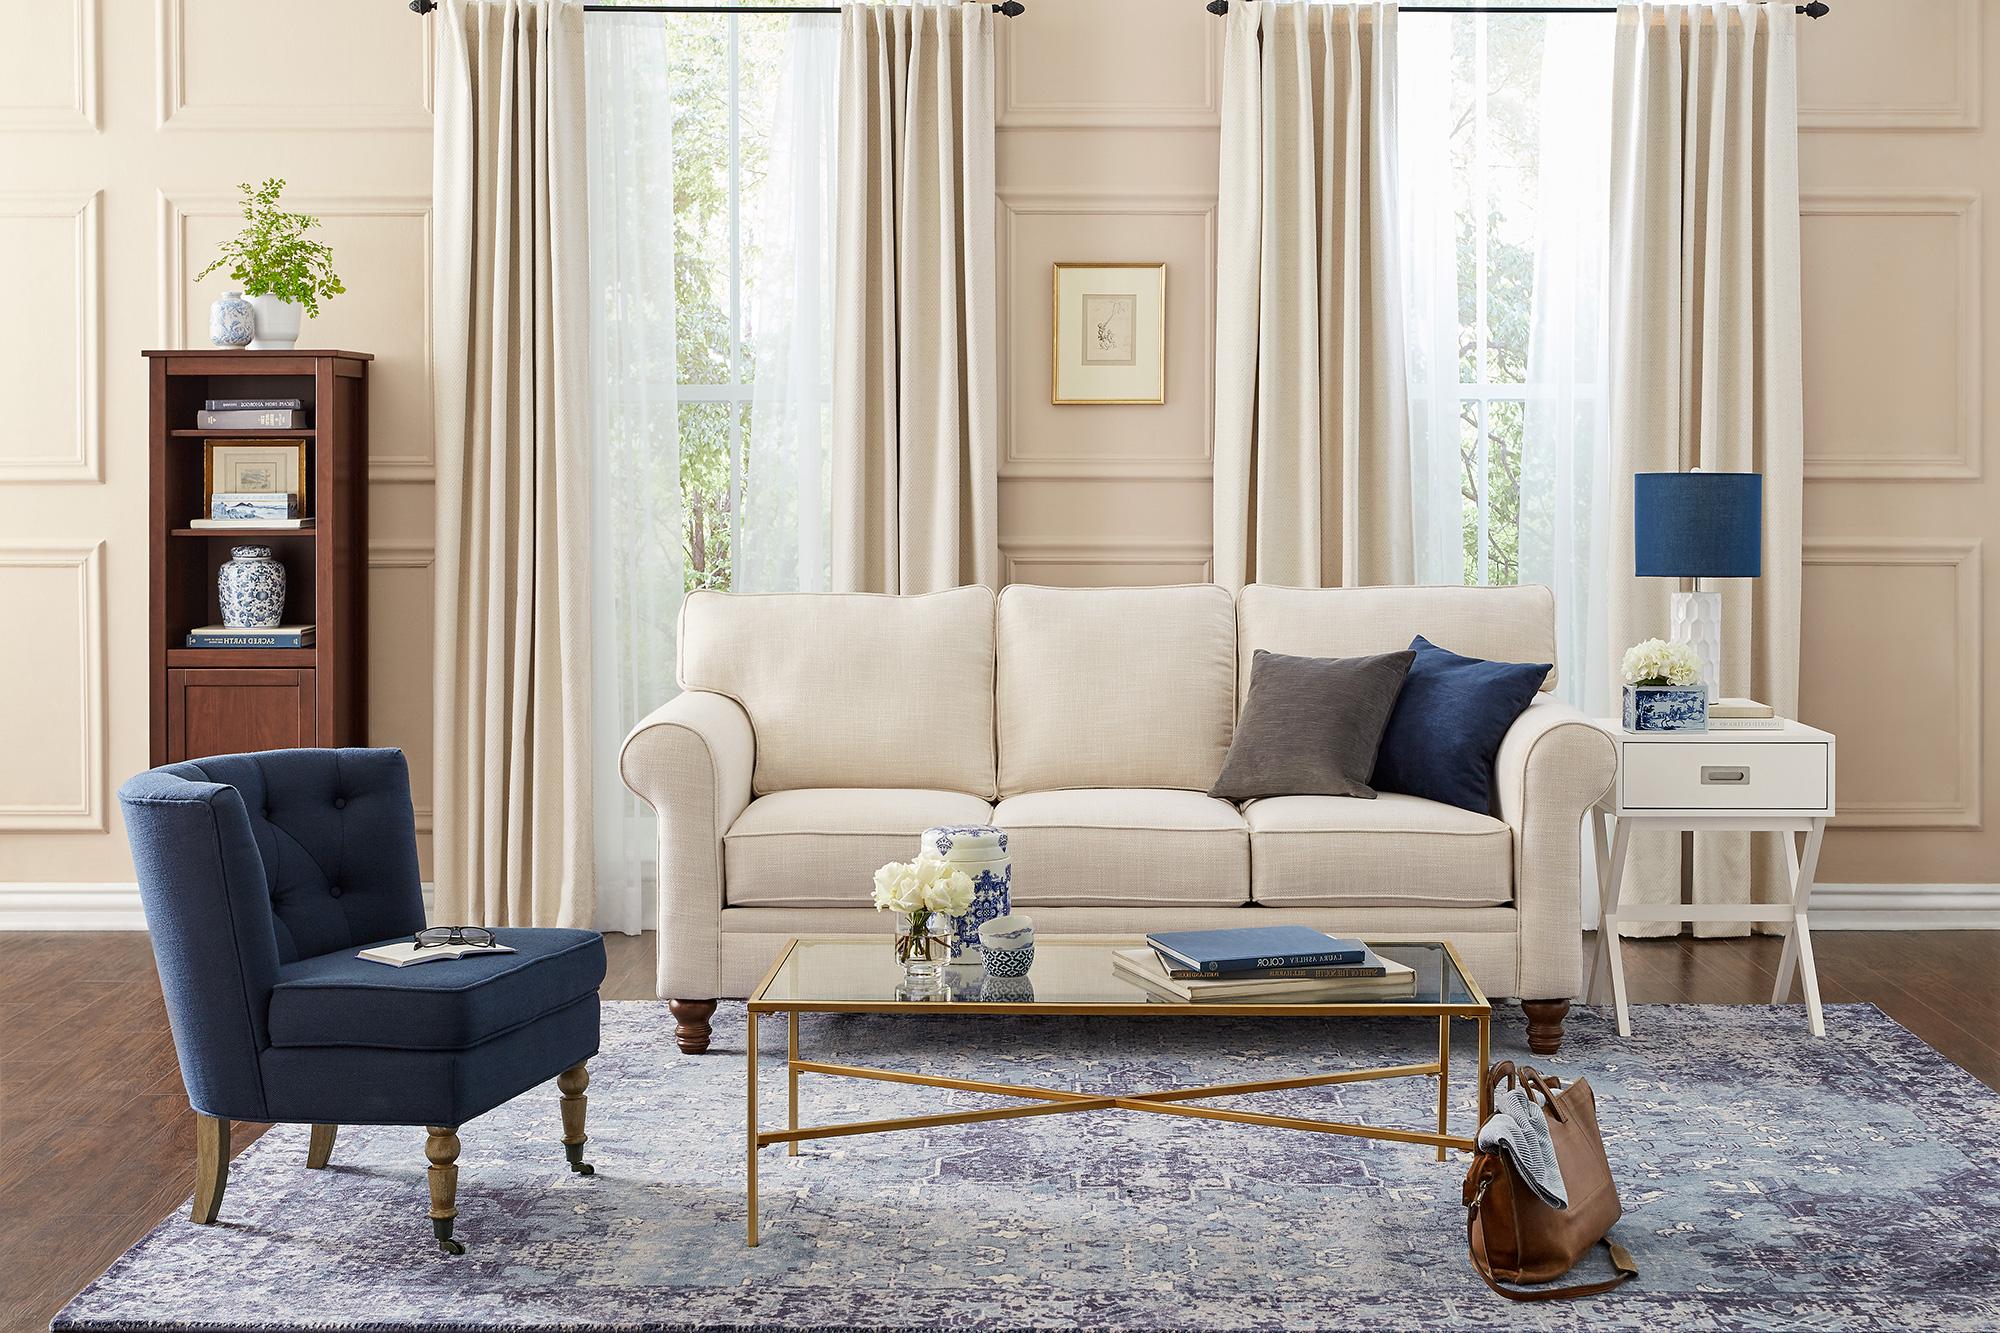 Can't Miss Deals On Hooker Furniture Melange Brockton In Melange Brockton Sideboards (View 2 of 20)